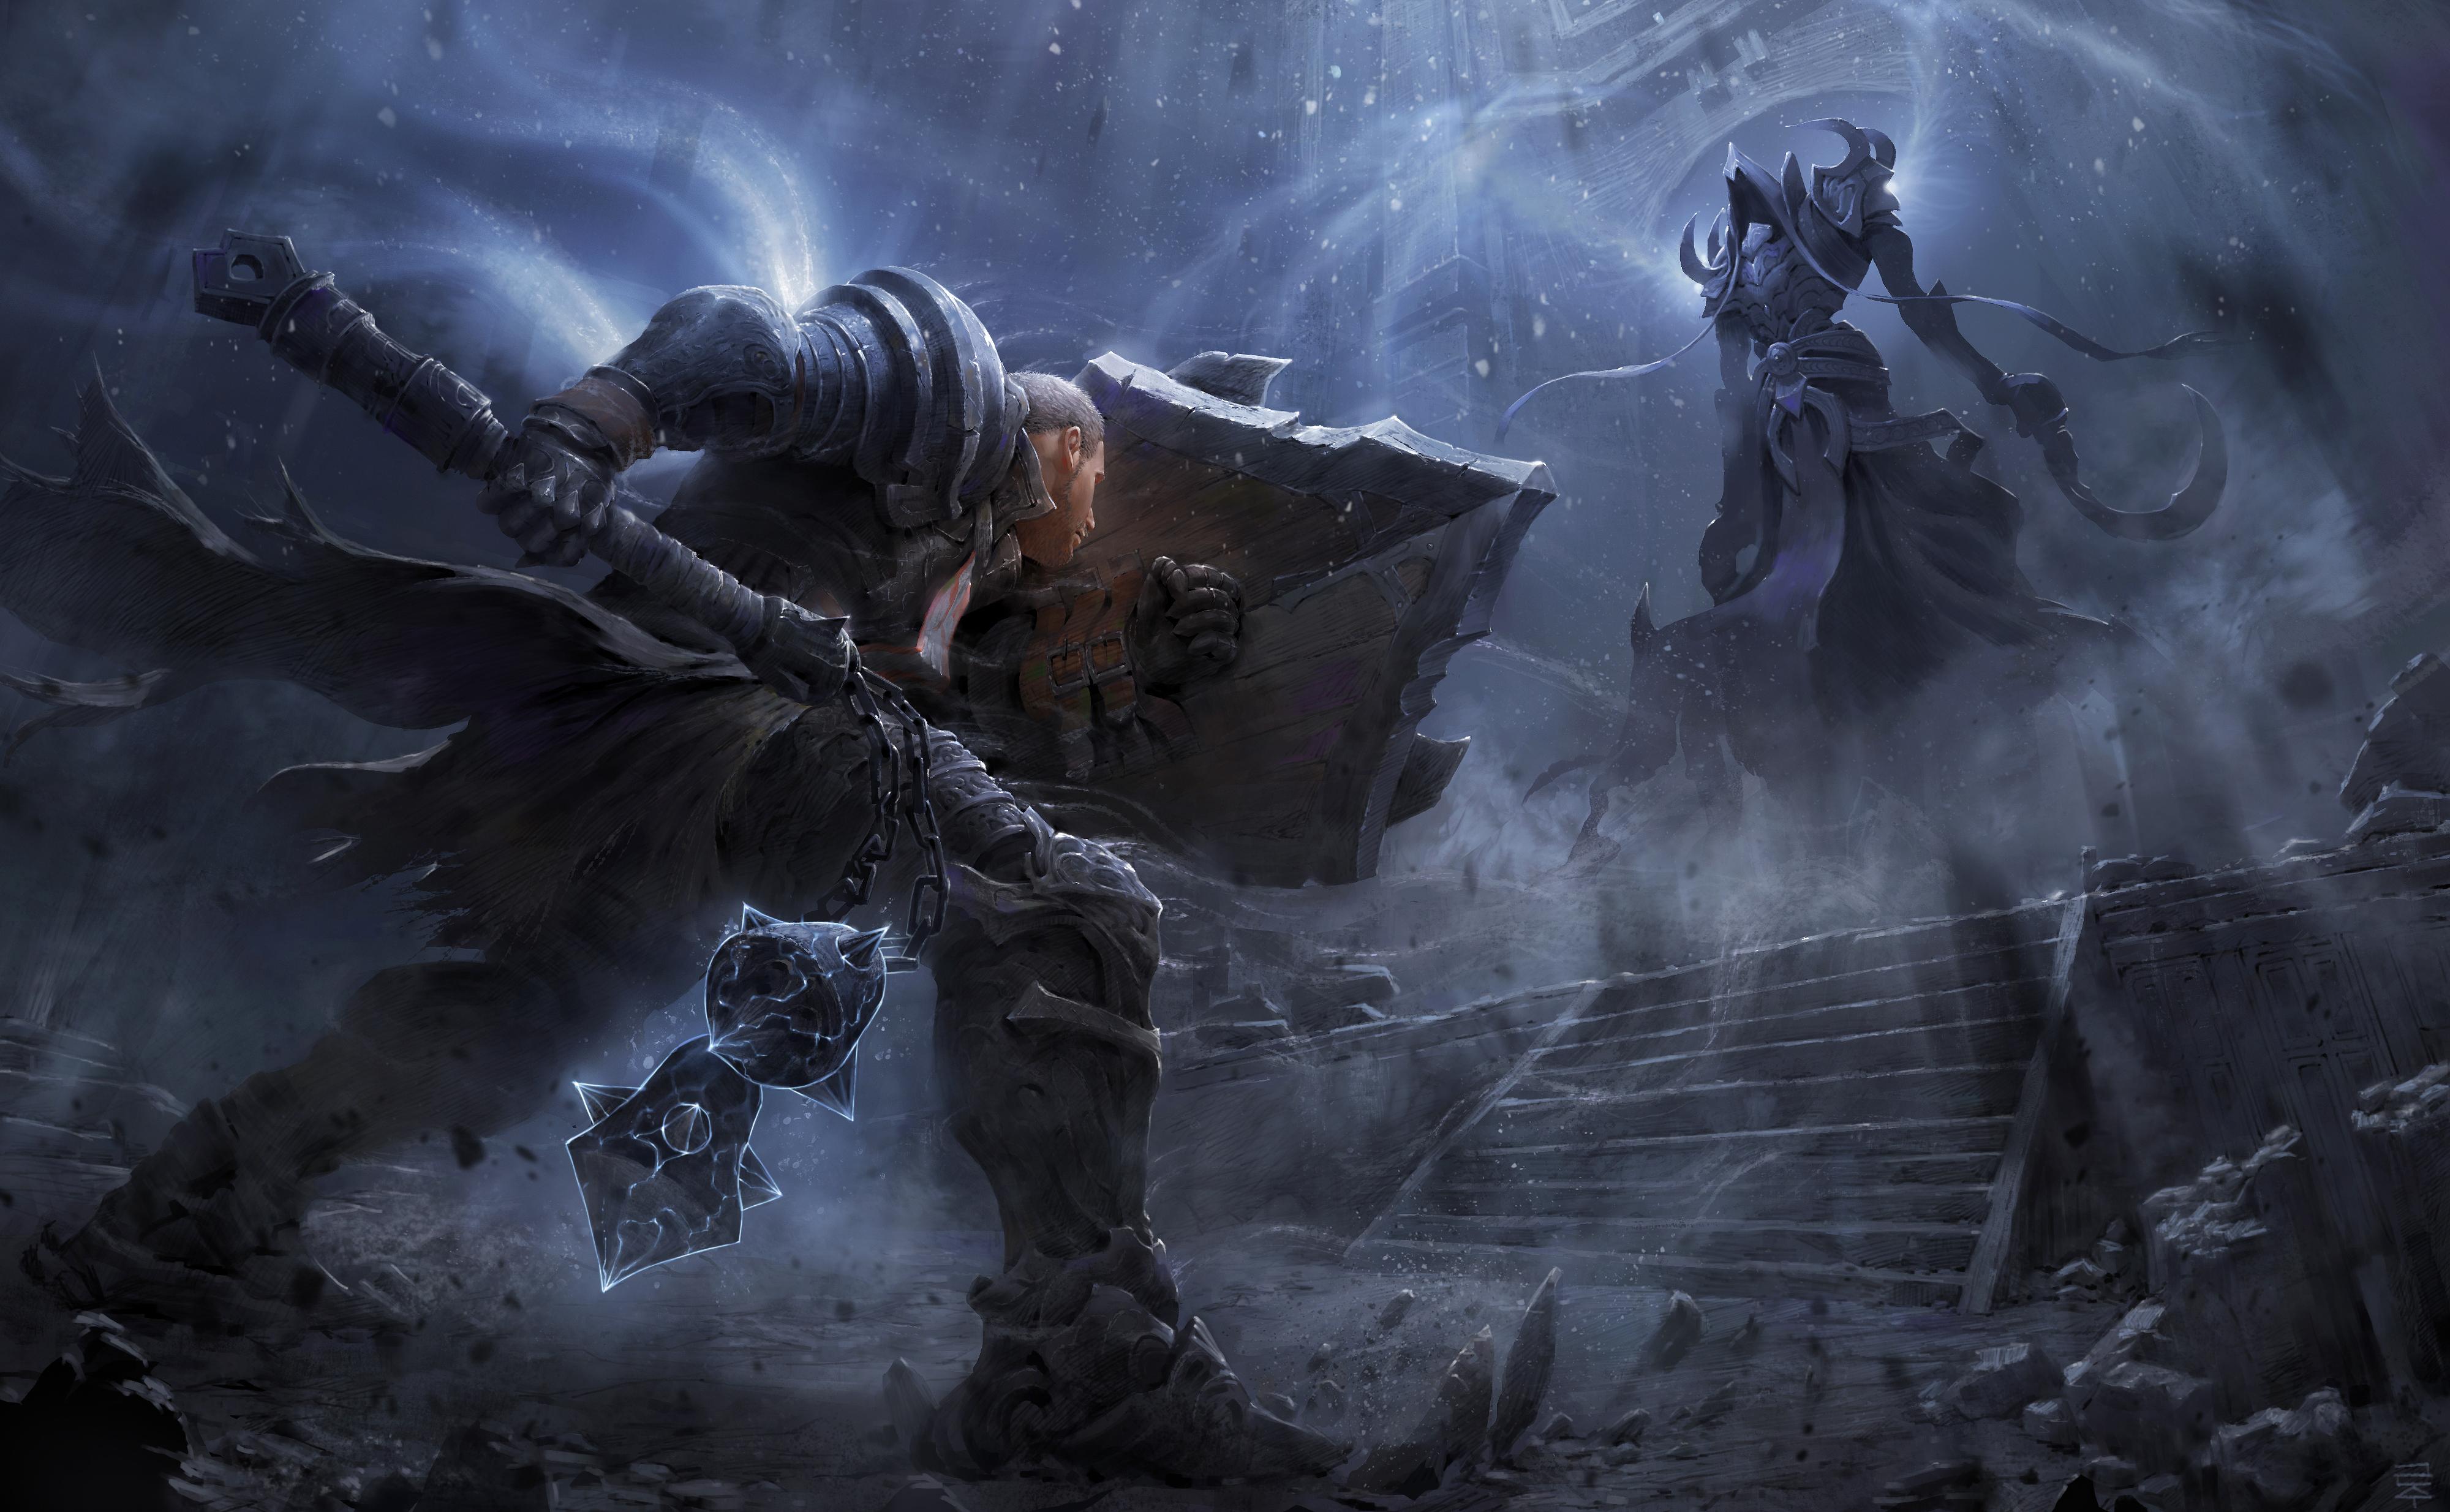 Diablo3 - Reaper of Souls Fan Art by Geunjoo